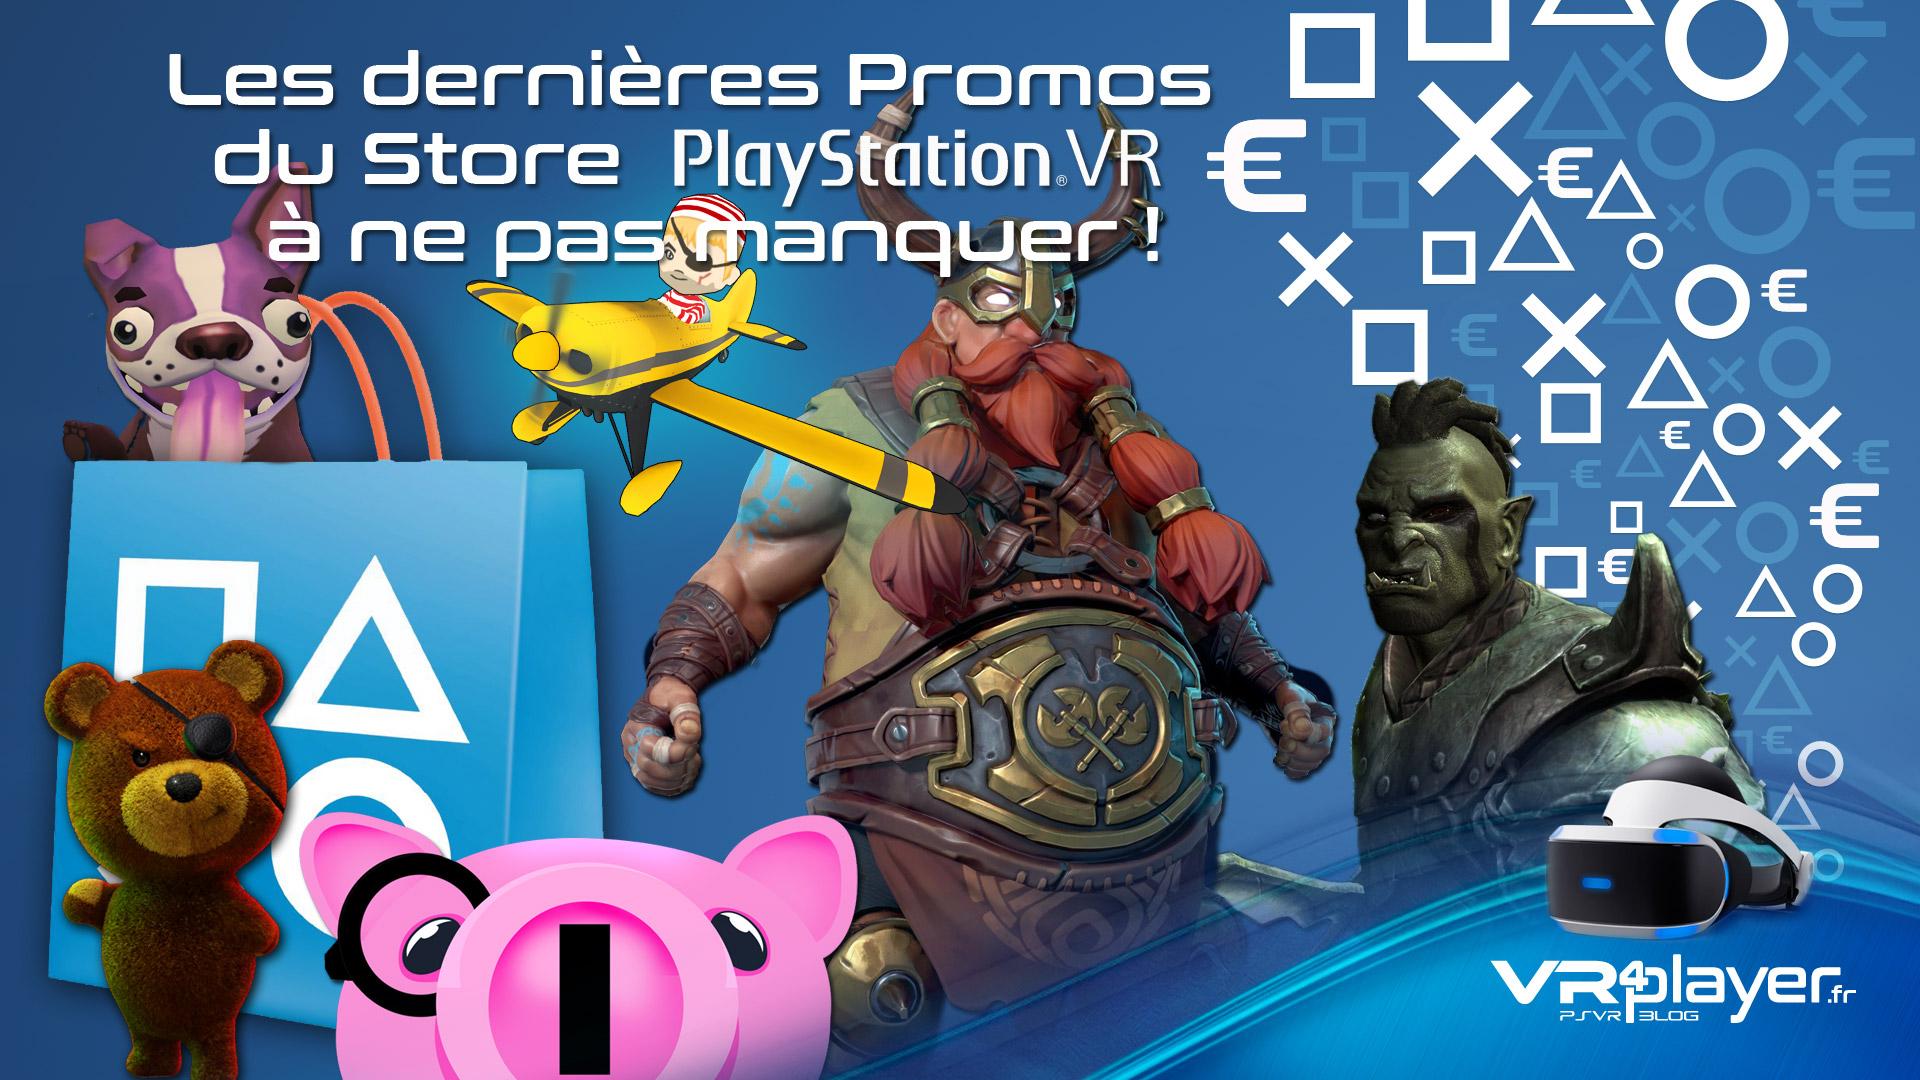 les jeux PSVR soldés de septembre vr4player.fr